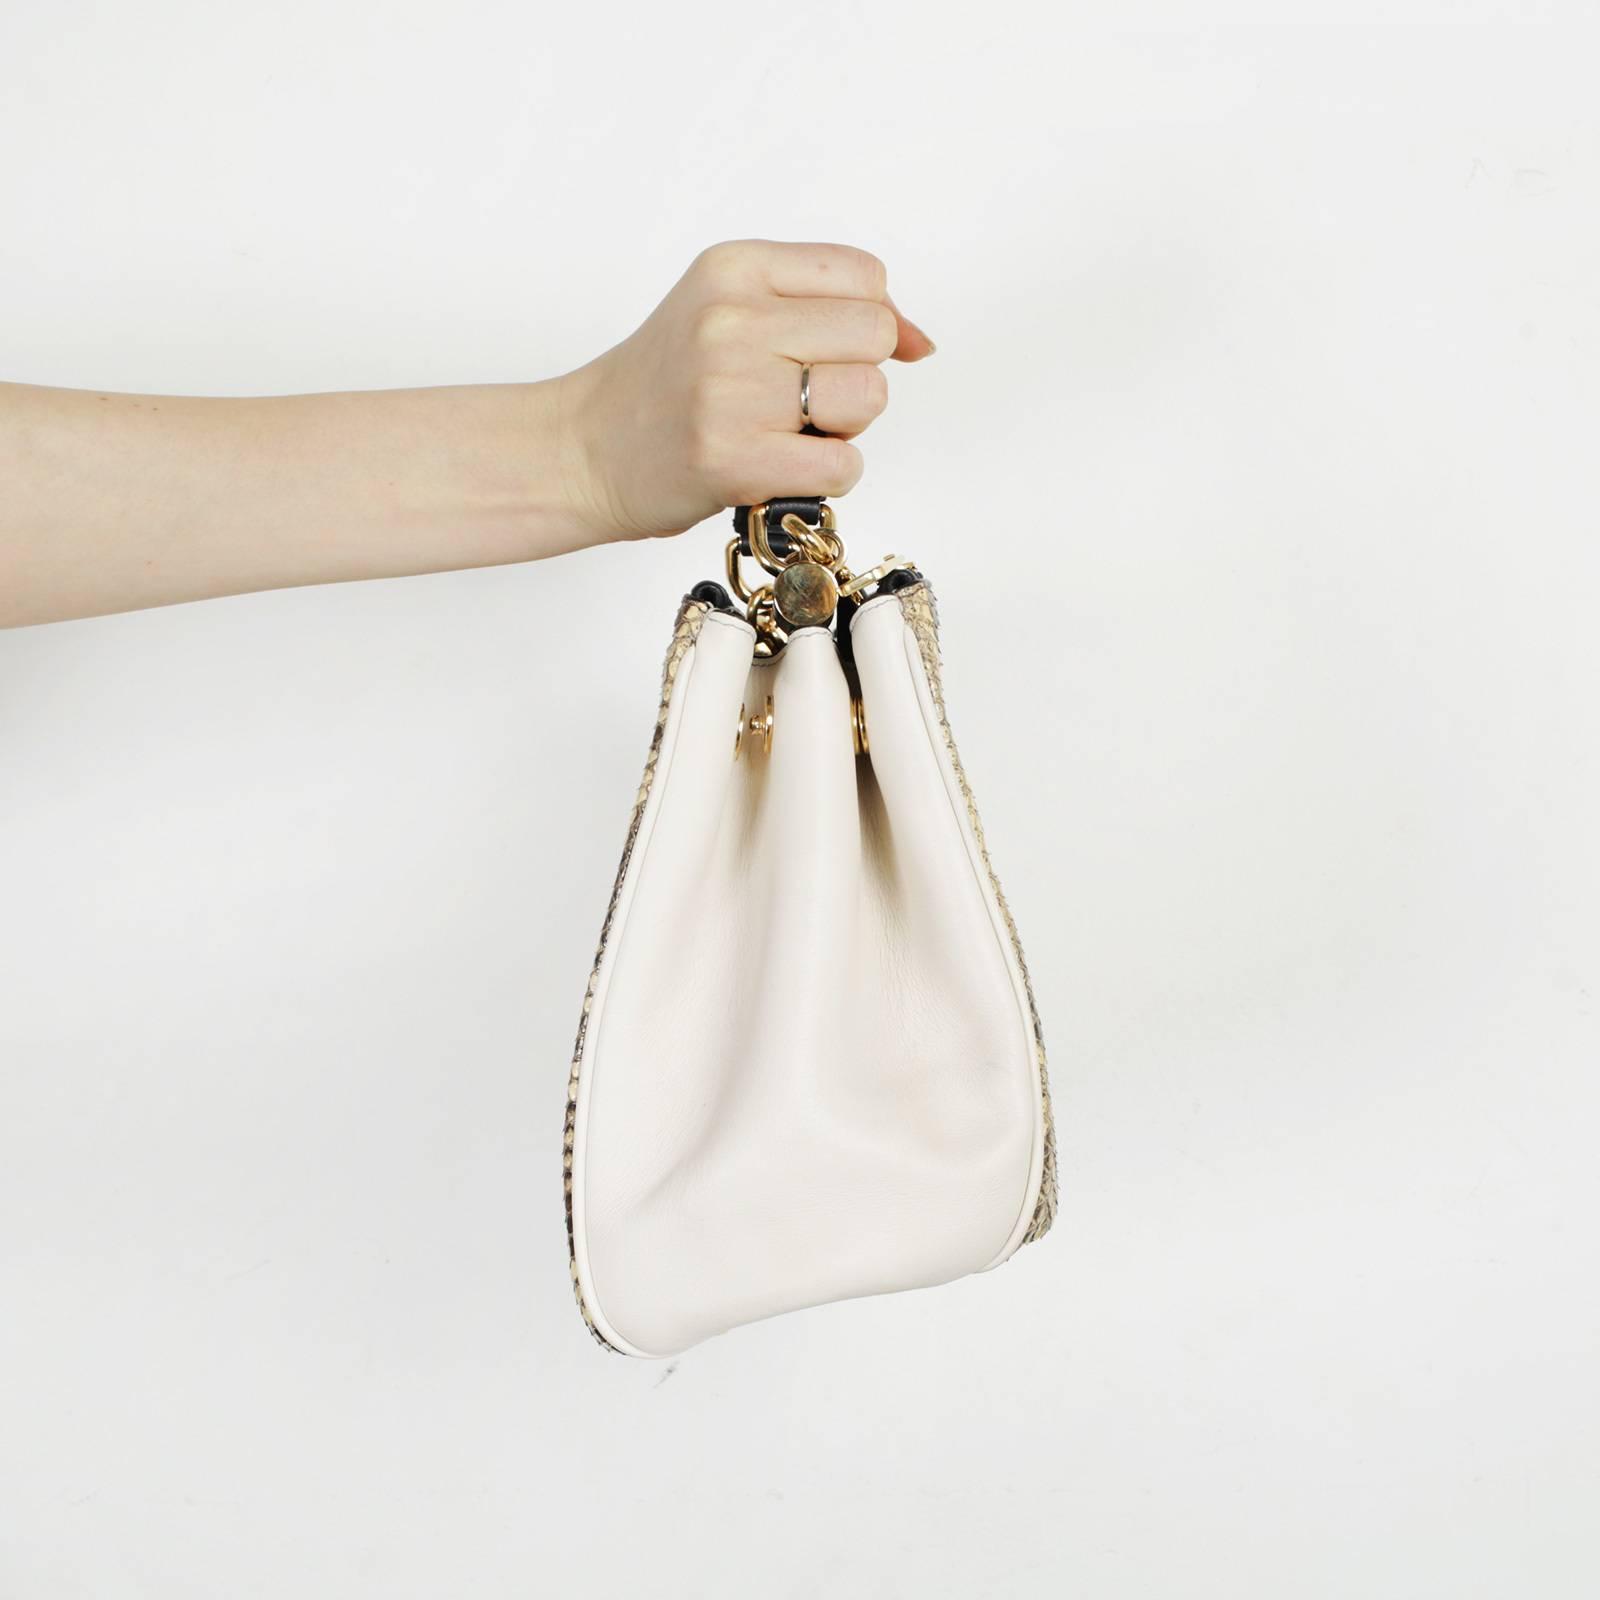 39a158428d7f Купить сумку Dolce & Gabbana в Москве с доставкой по цене 30000 ...